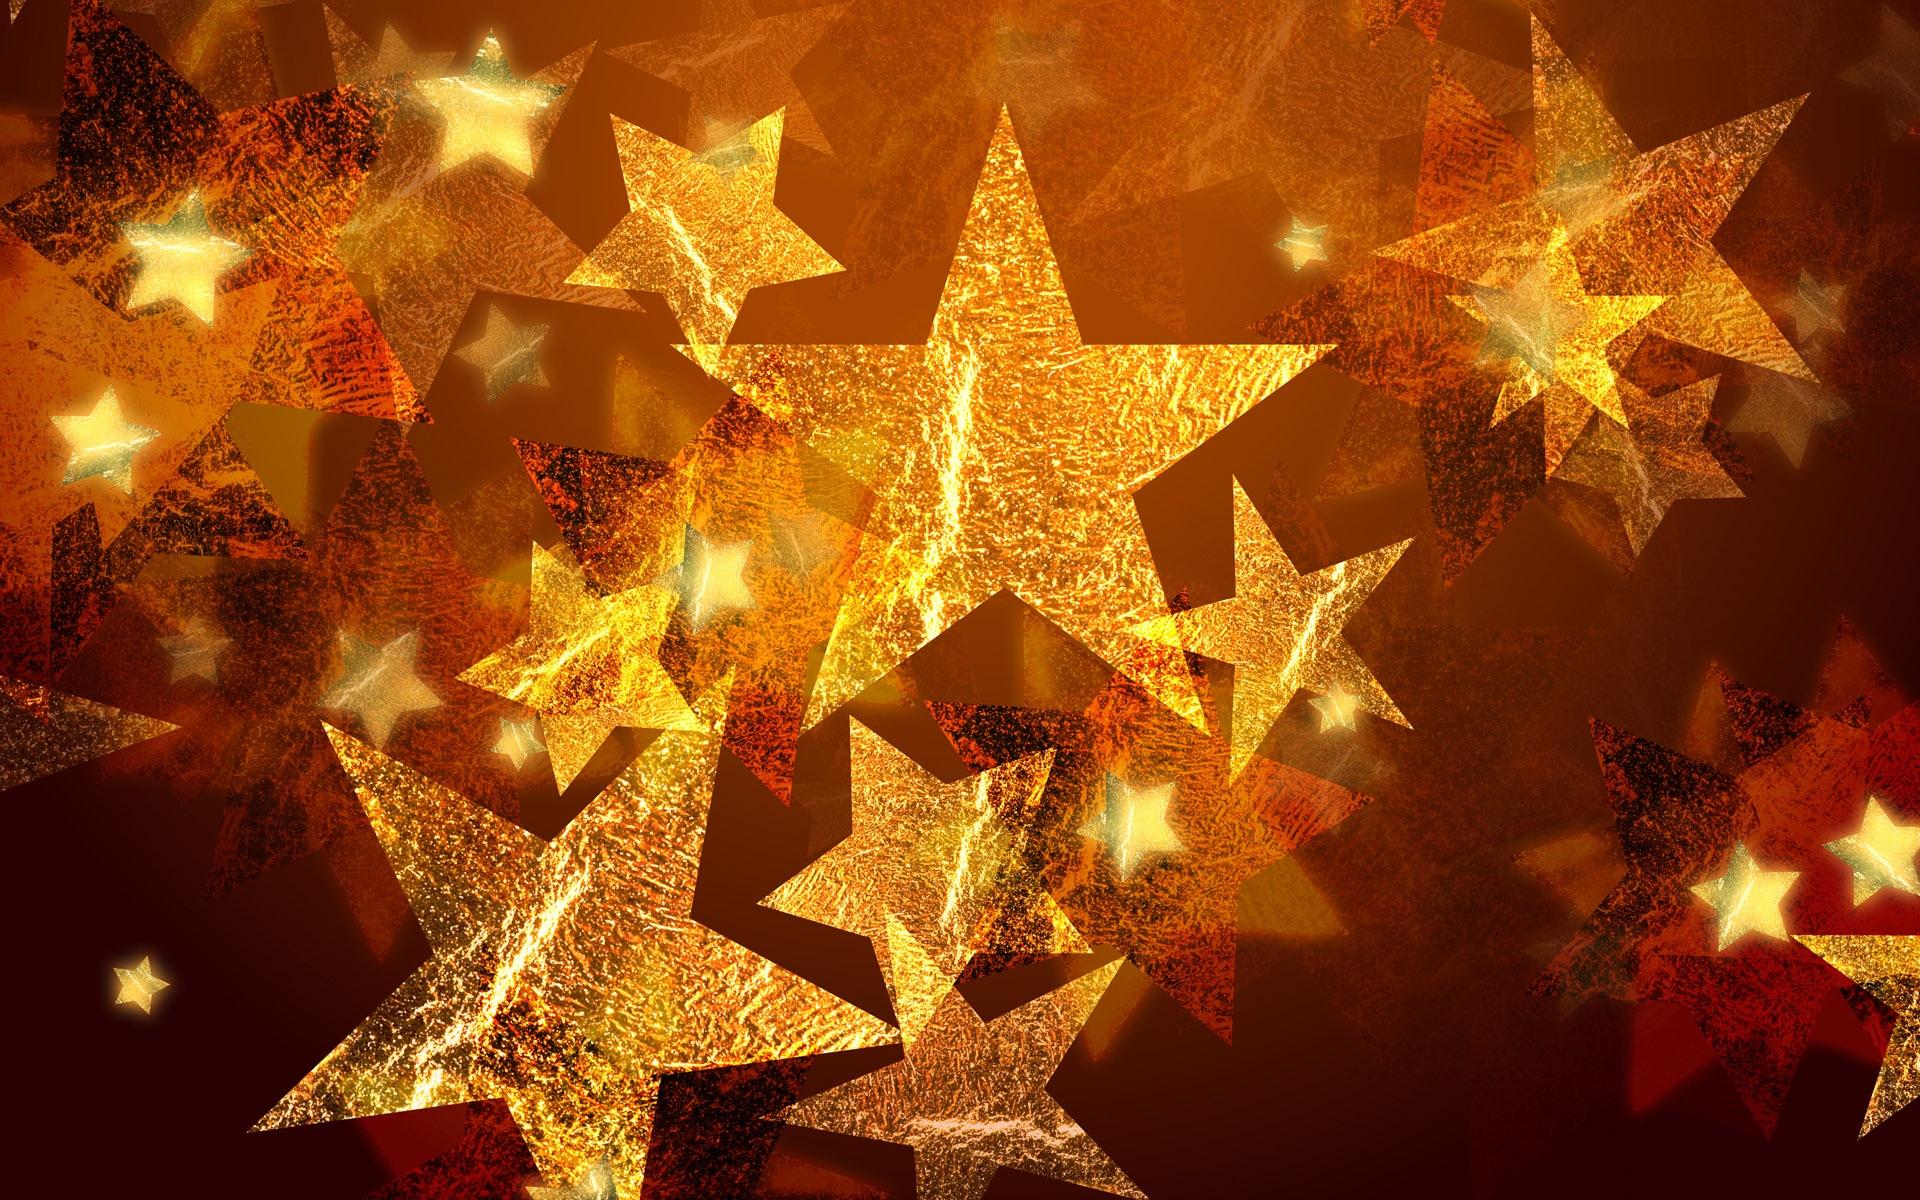 merry christmas golden stars cute hd wallpaper